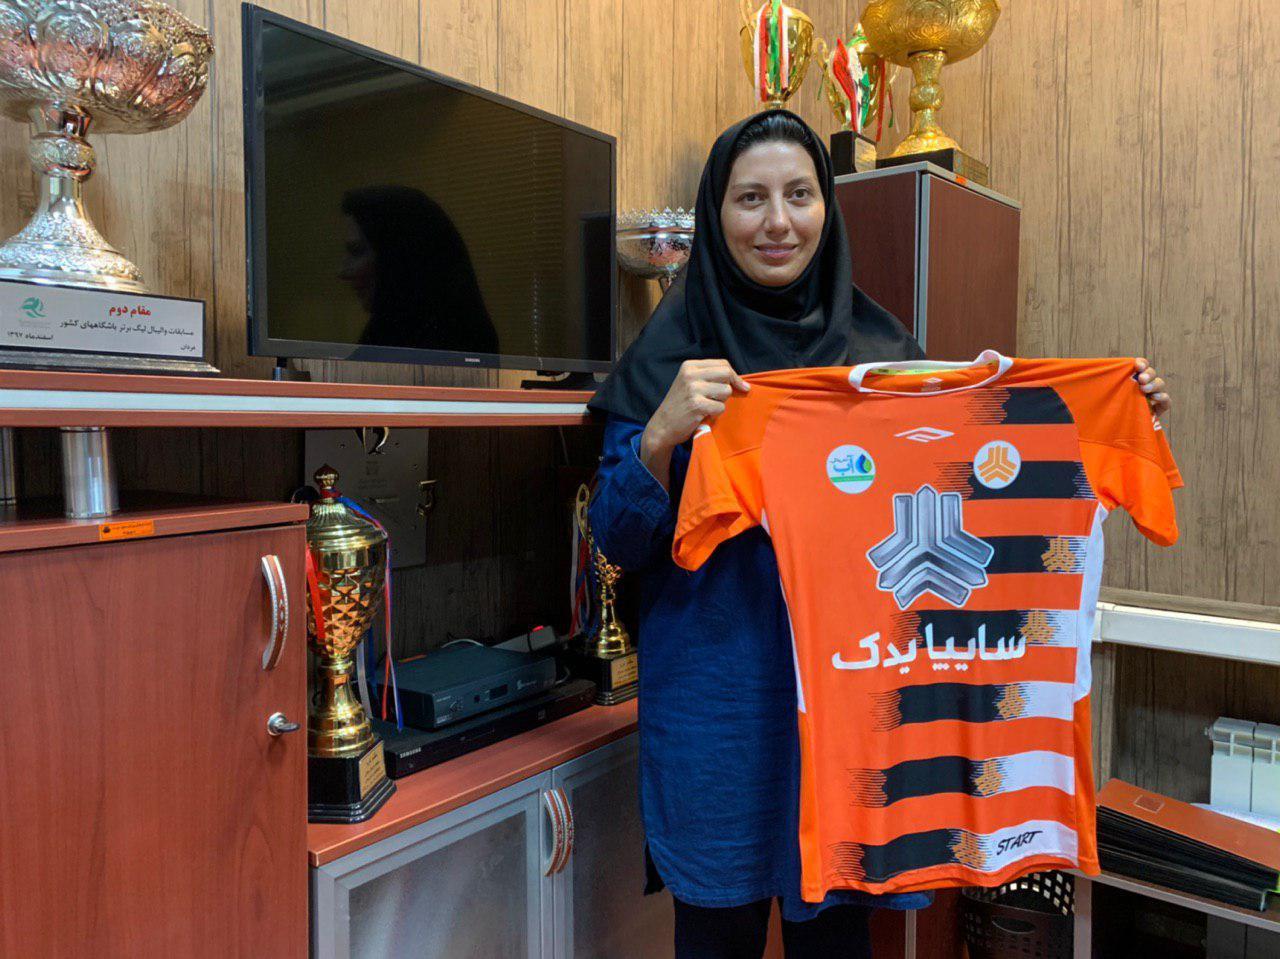 موضعگیری مریم هاشمی برابر شعبانیان | بازیکن ملی برای بانک سرمایه خوب بود برای ما بد است!